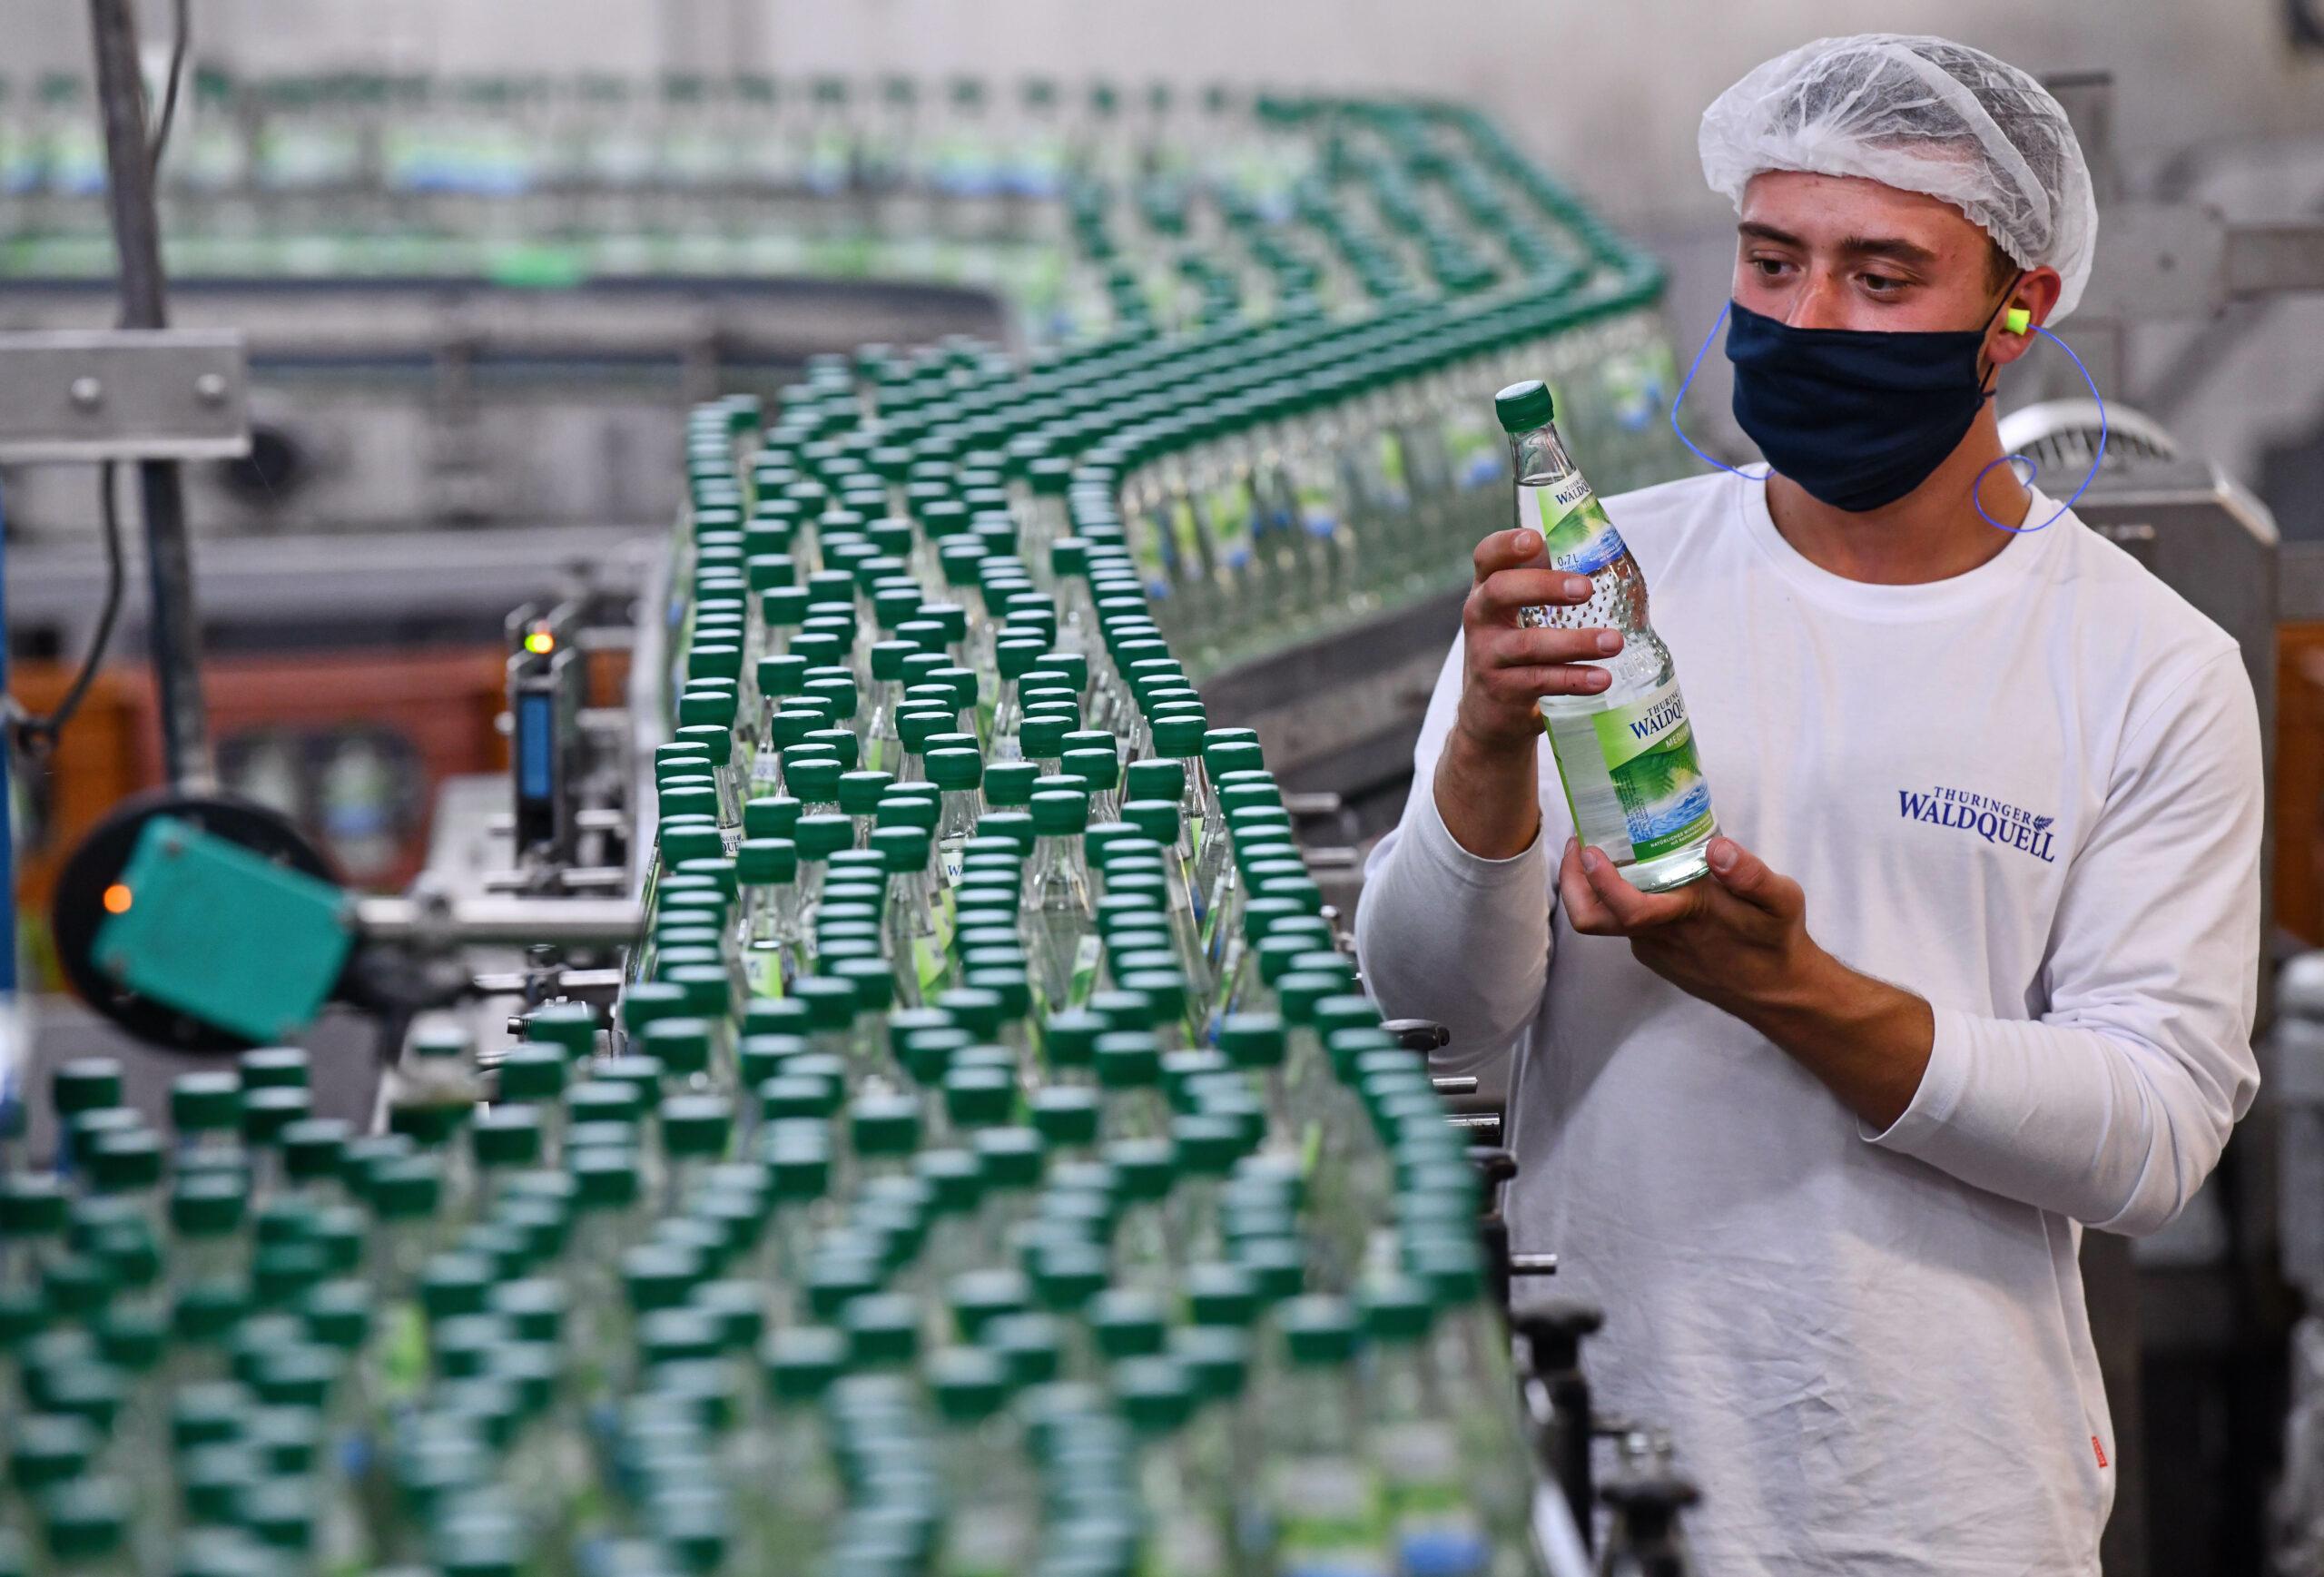 Ein Mann kontrolliert eine Mineralwasserflasche von Thüringer Waldquell.